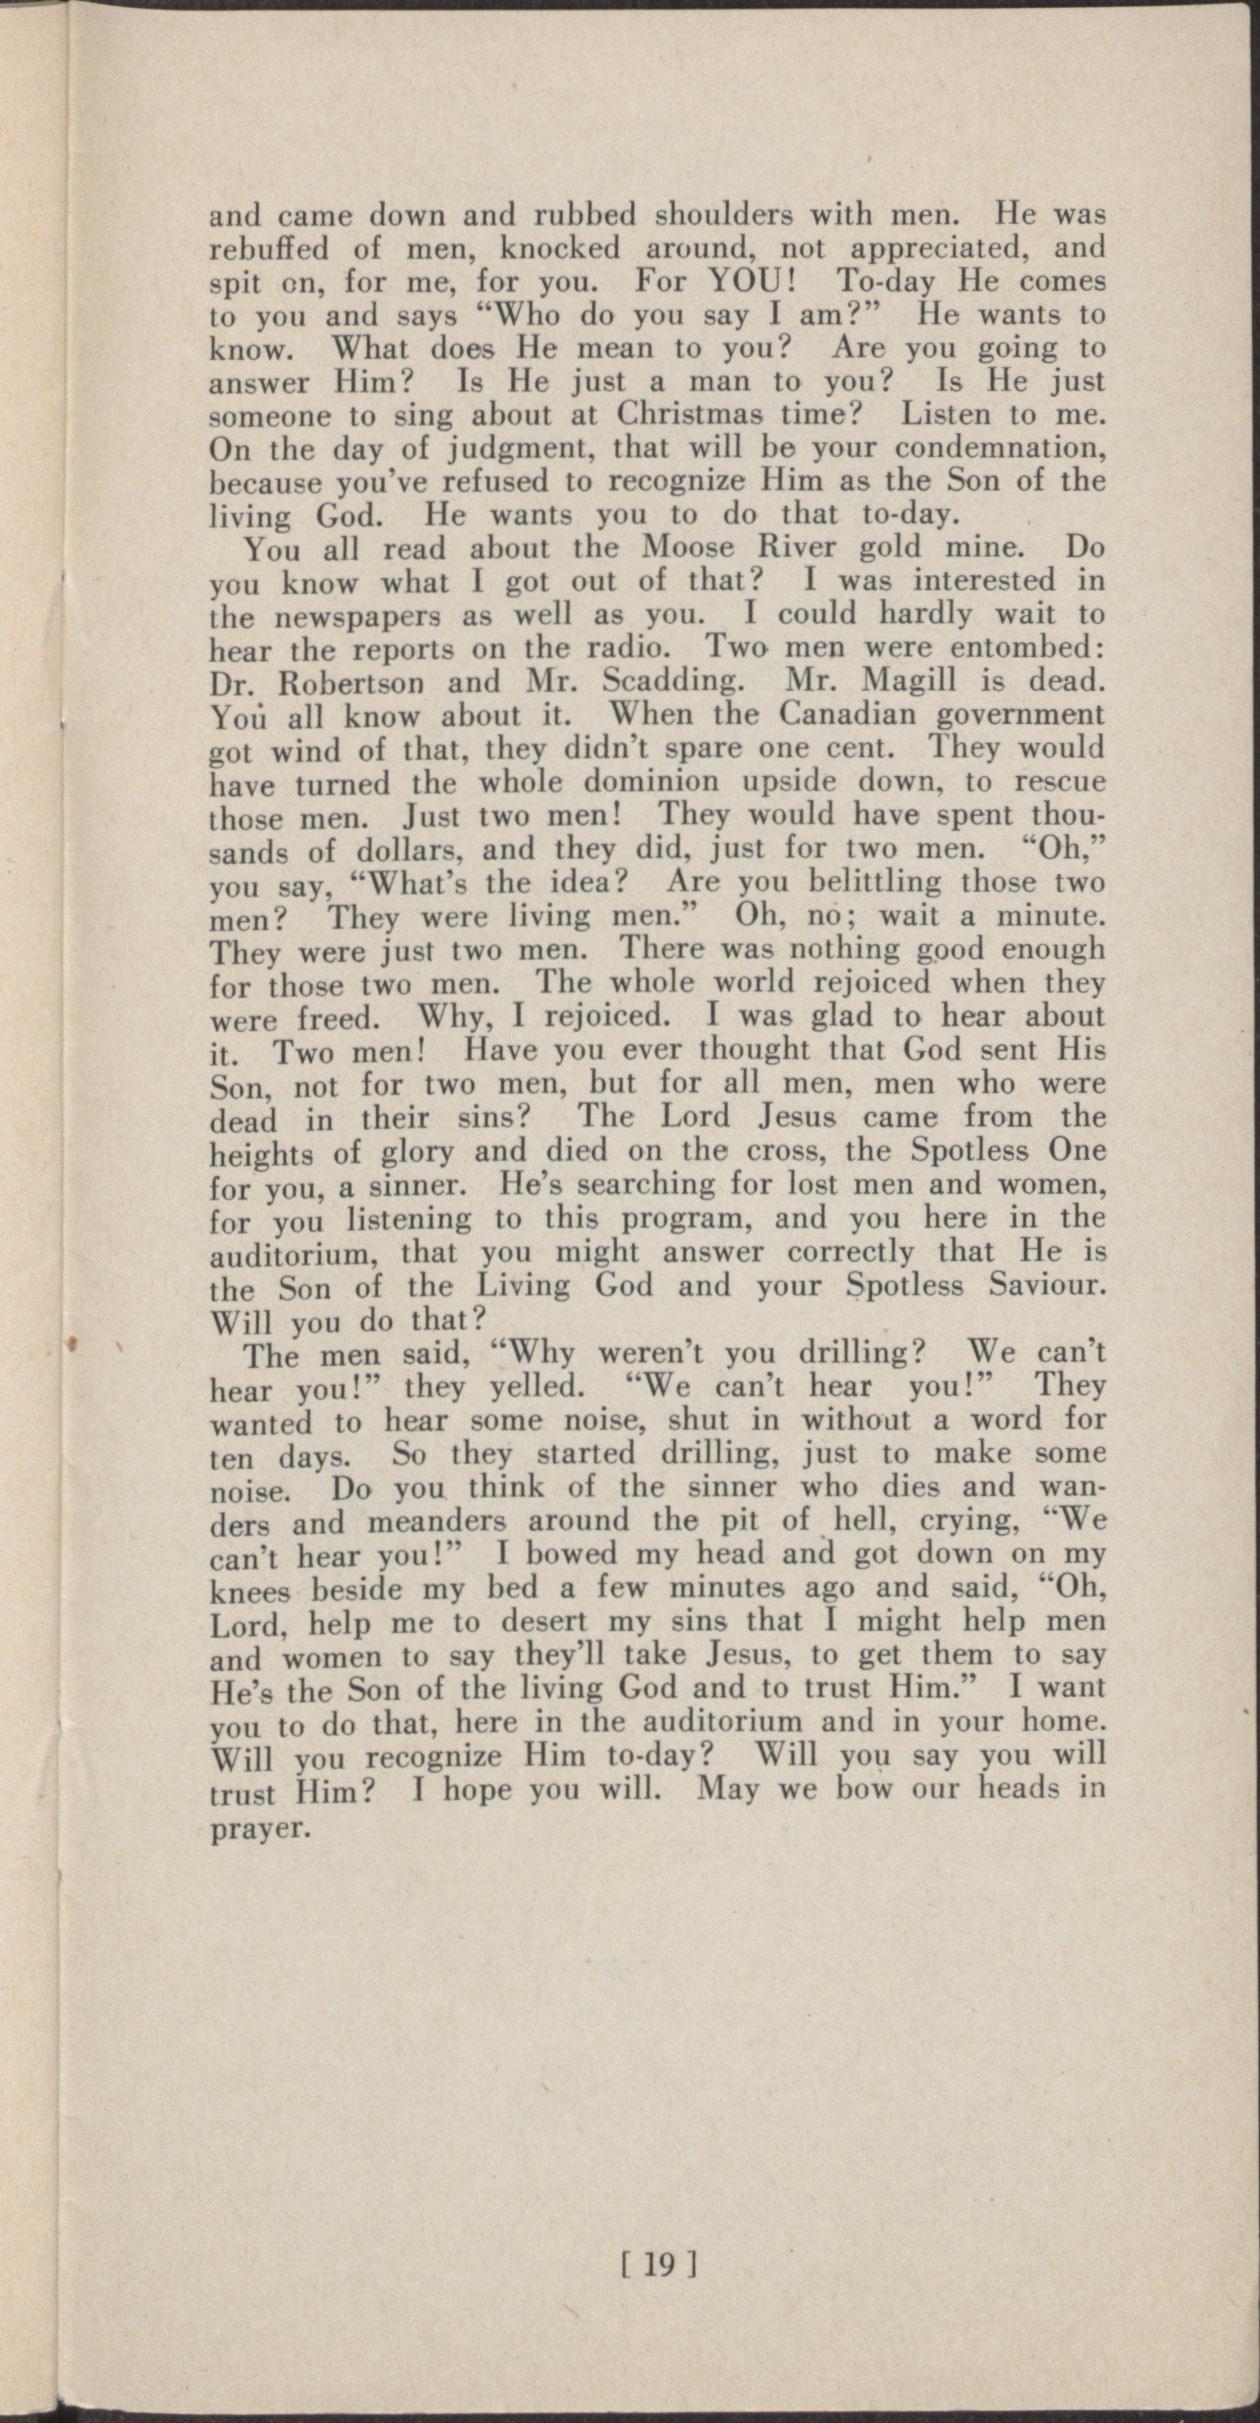 sermons193604-(19)